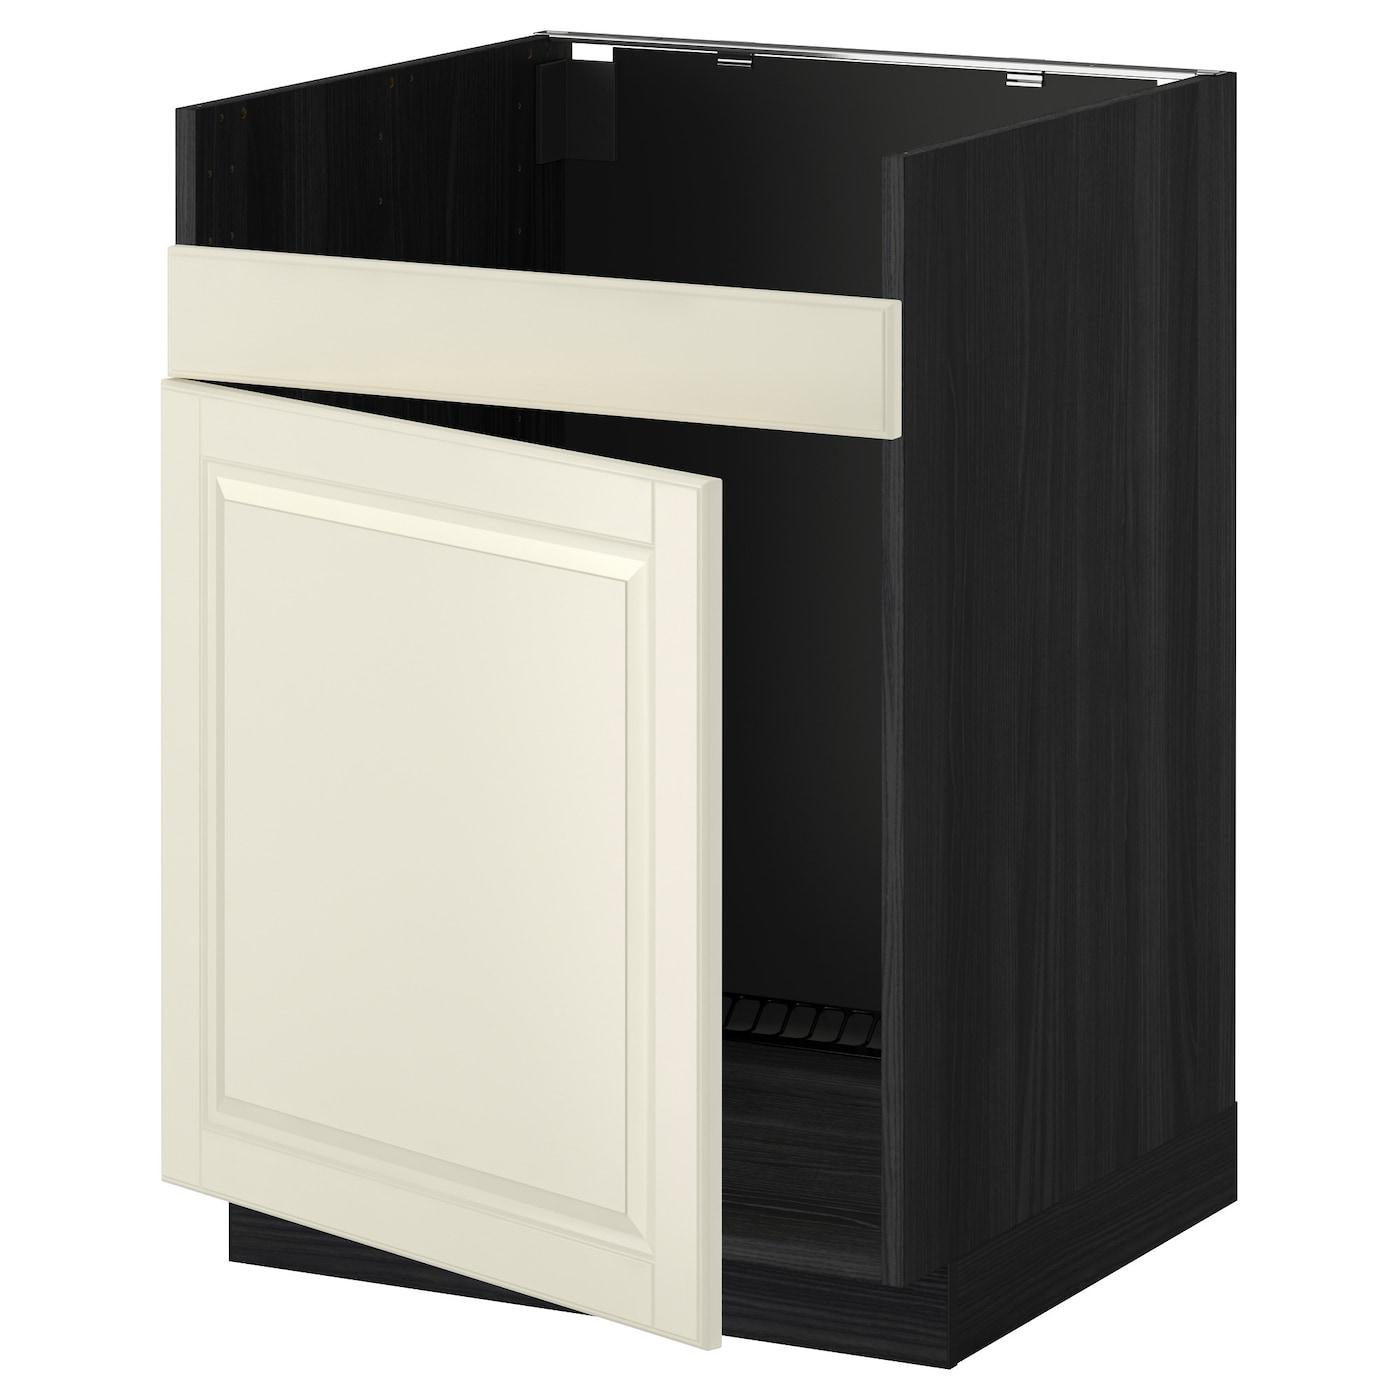 metod base cab f domsj single bowl sink black bodbyn off. Black Bedroom Furniture Sets. Home Design Ideas